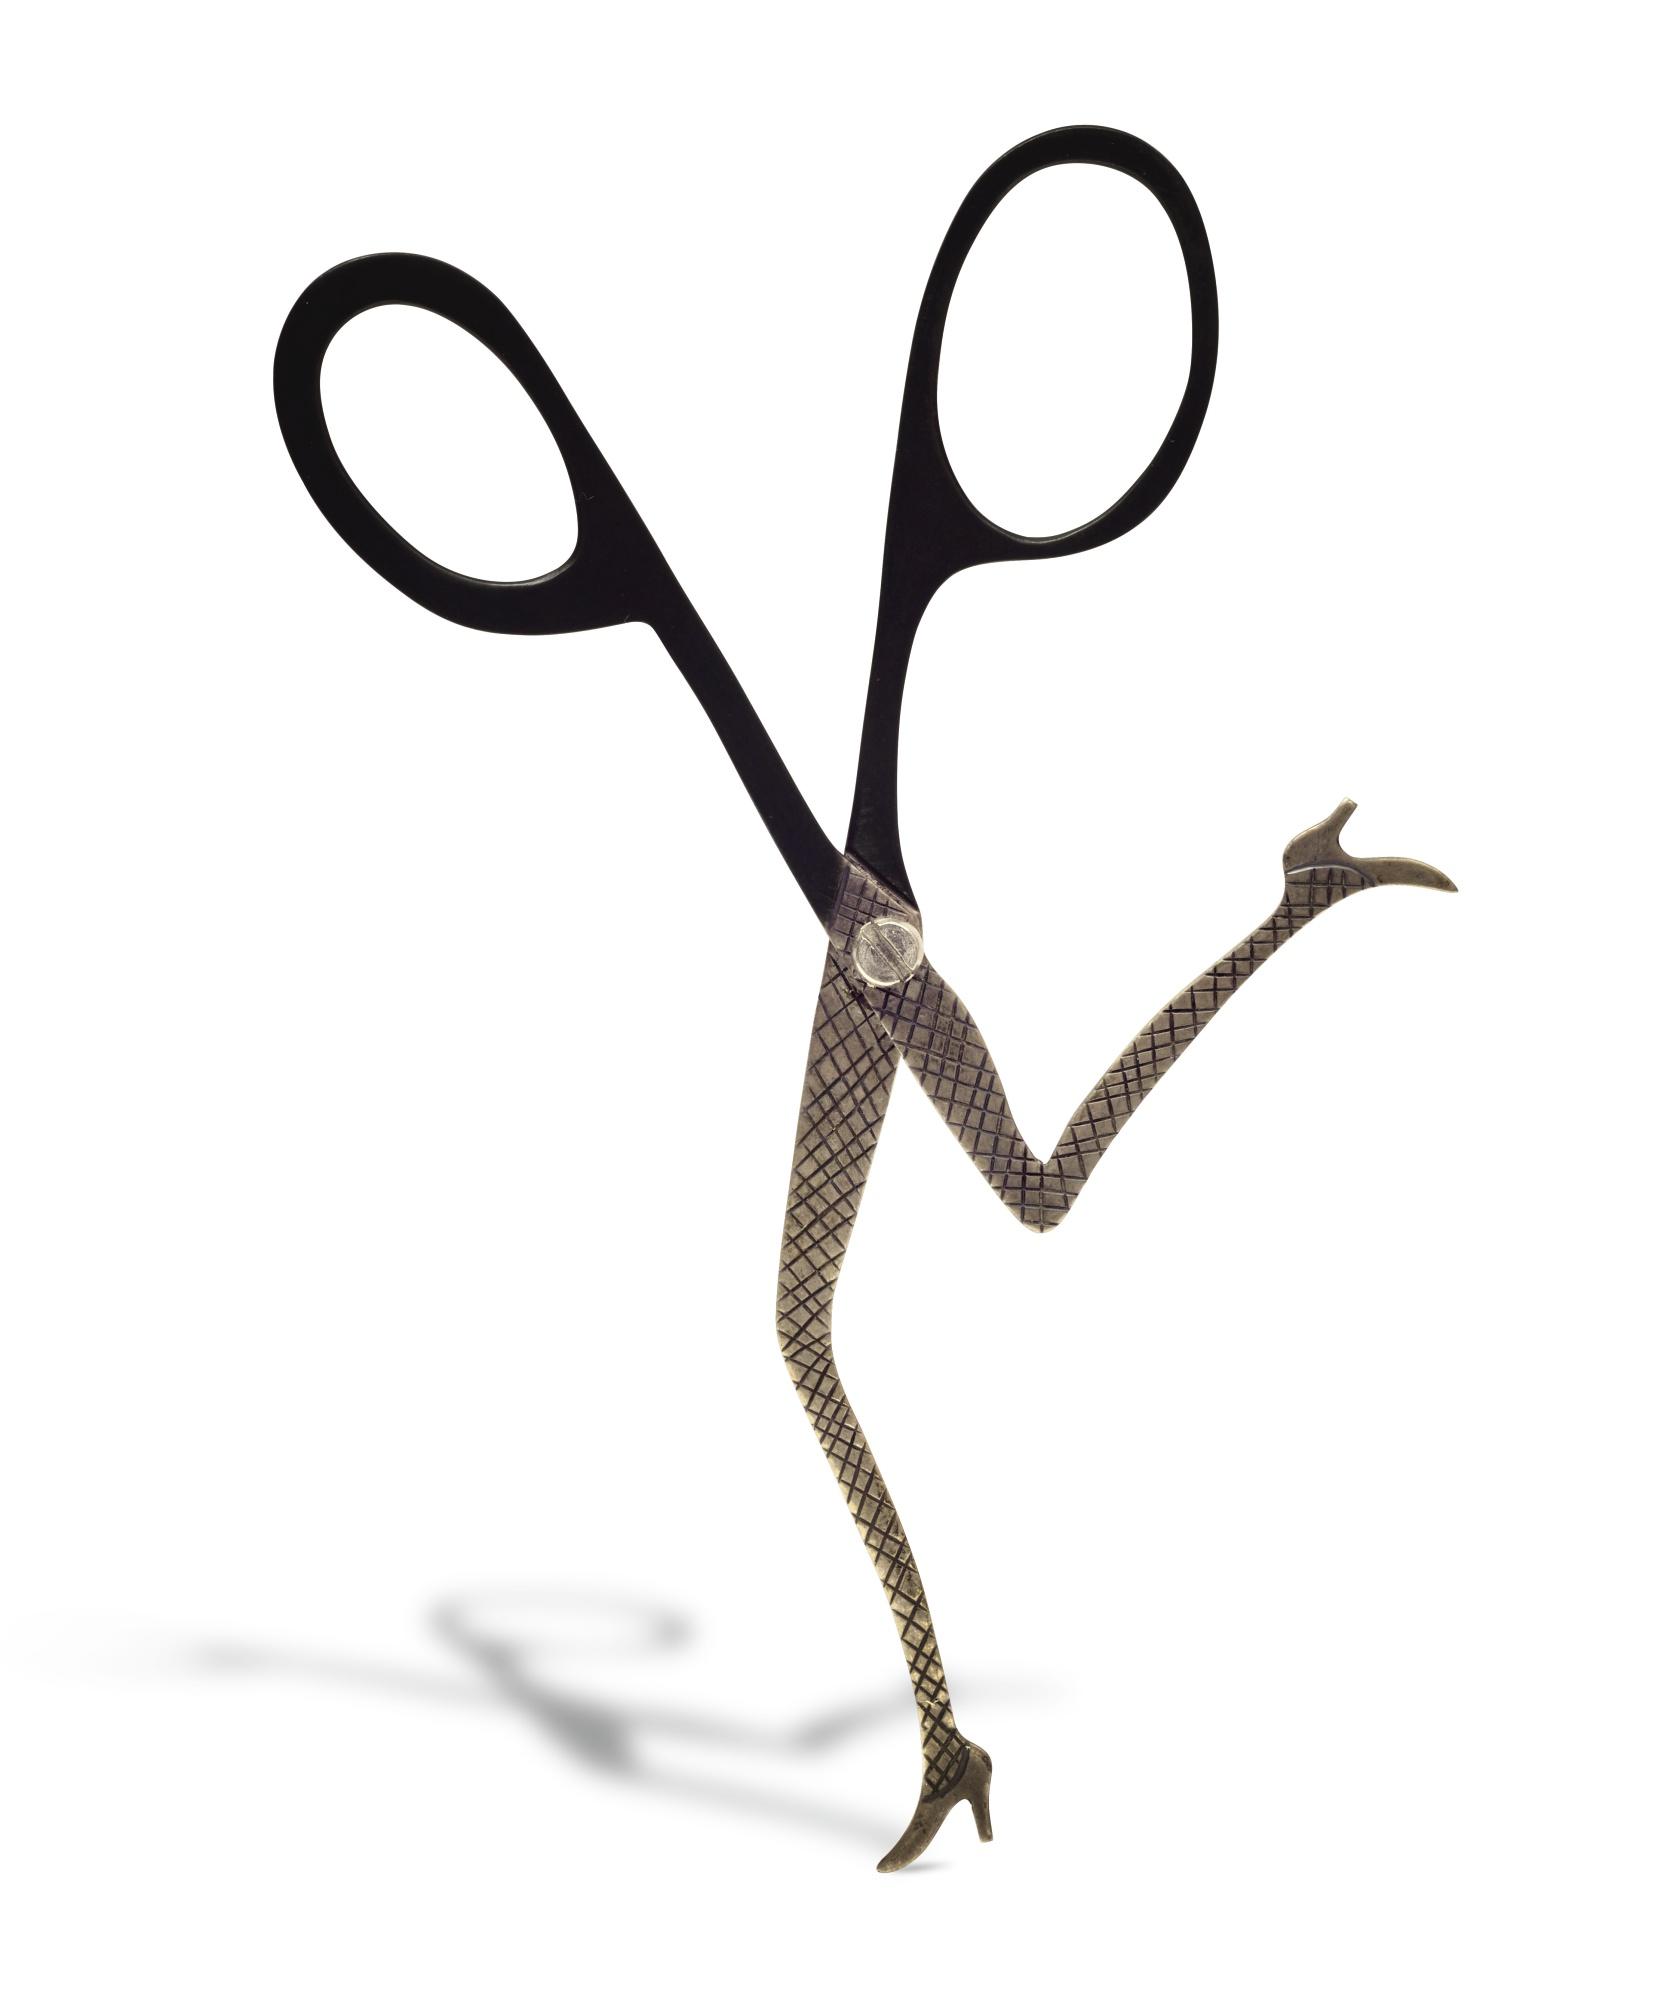 Sigmar Polke-Rennende Schere (Running Scissors)-1996